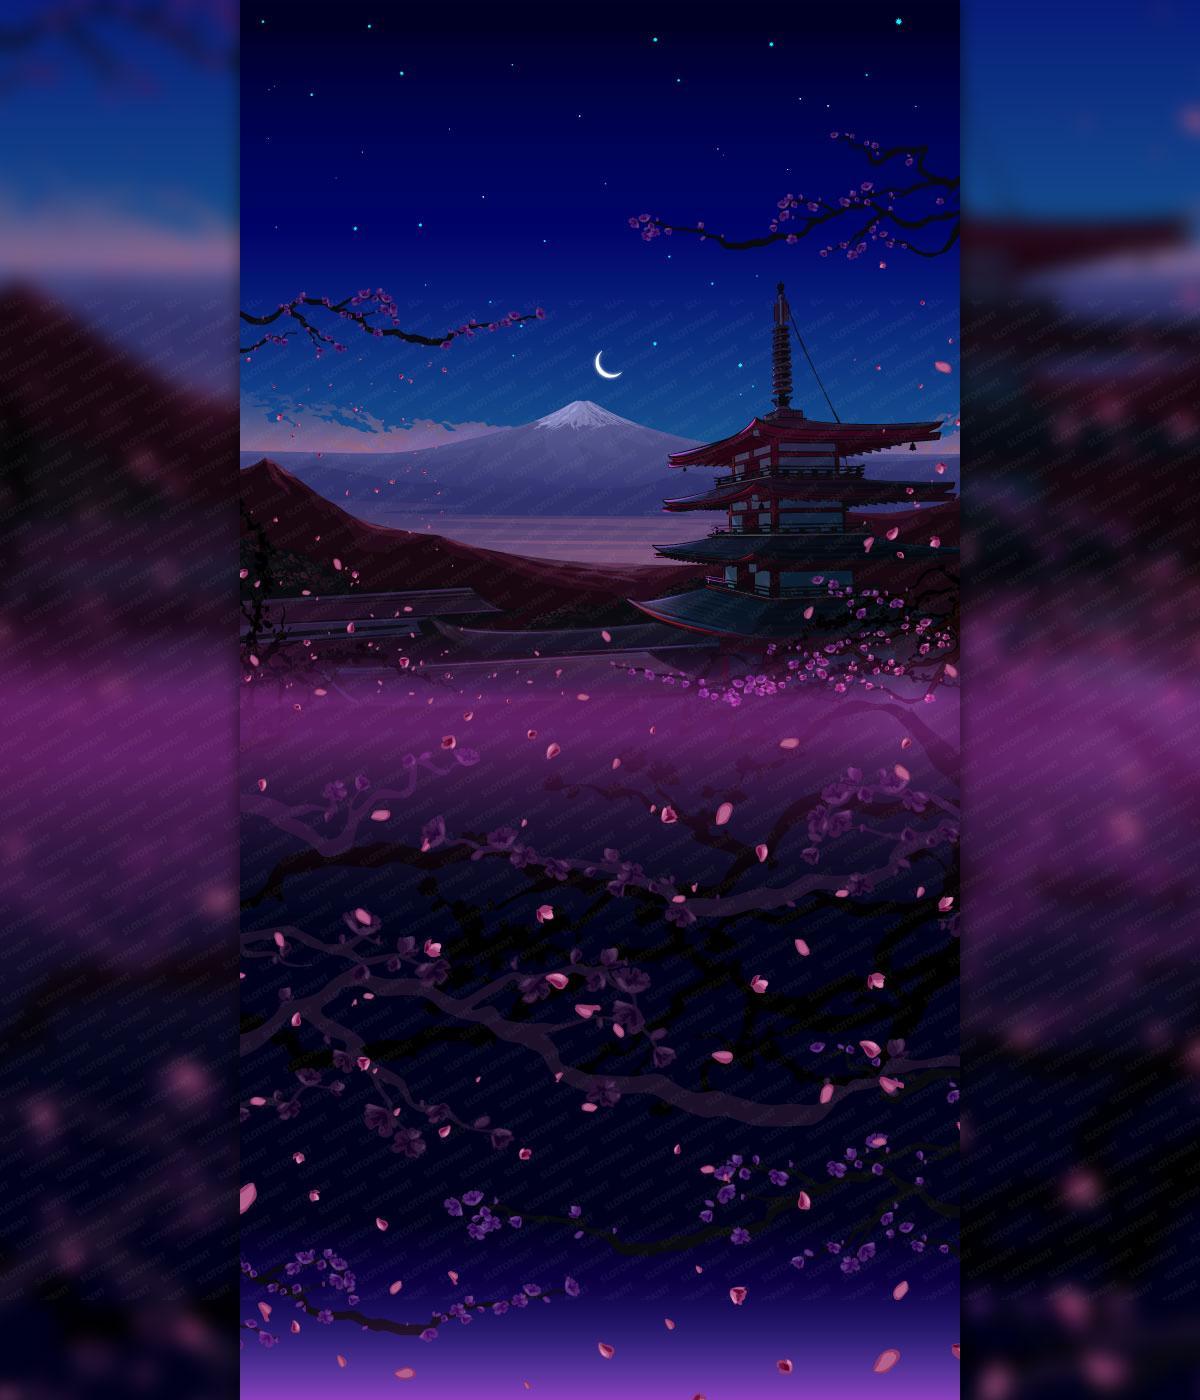 legend_of_shogun_blog_background